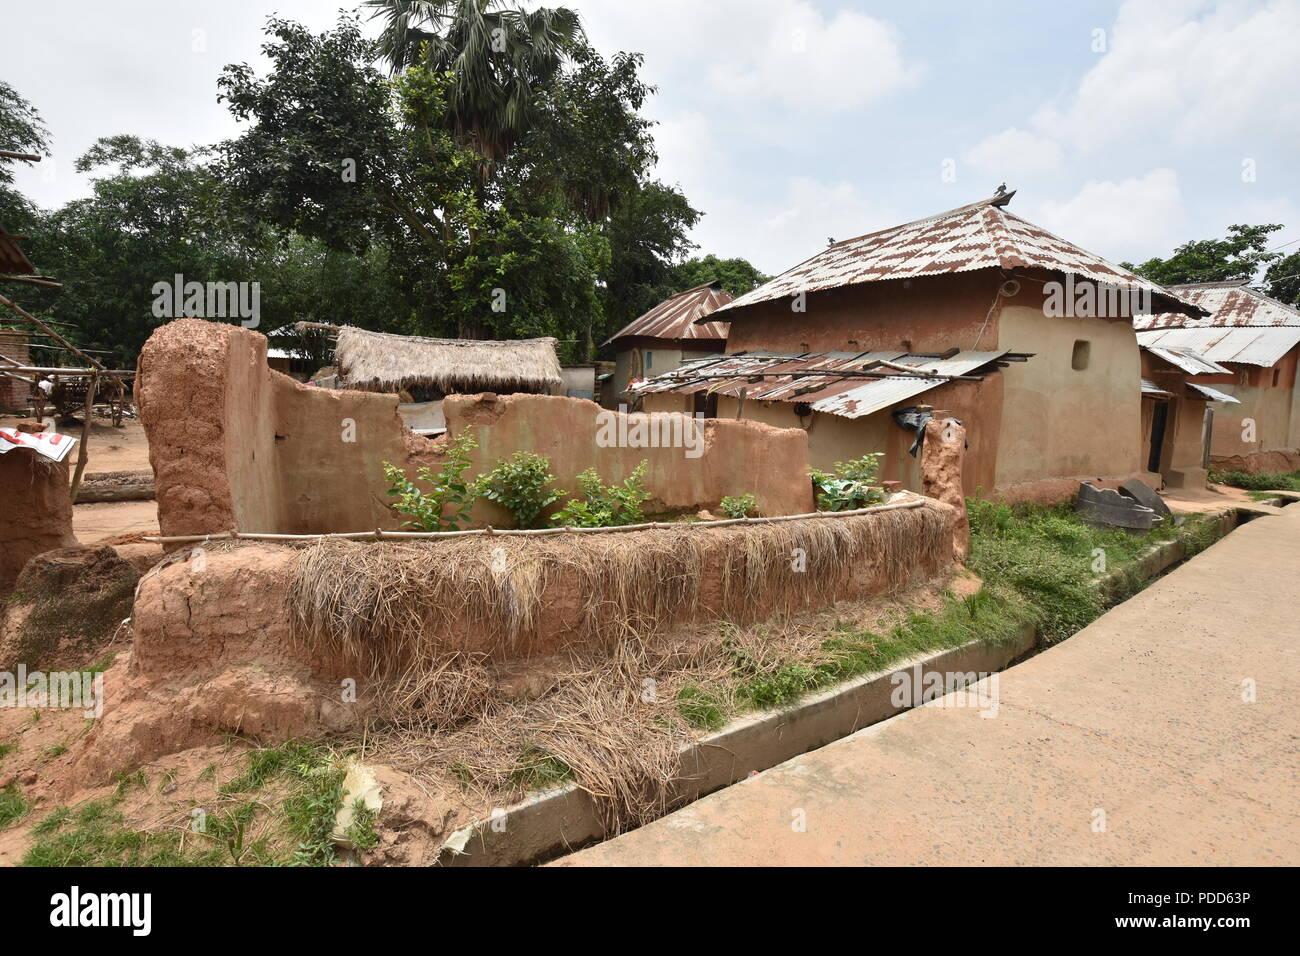 Village Hut Rural West Bengal Stock Photos & Village Hut